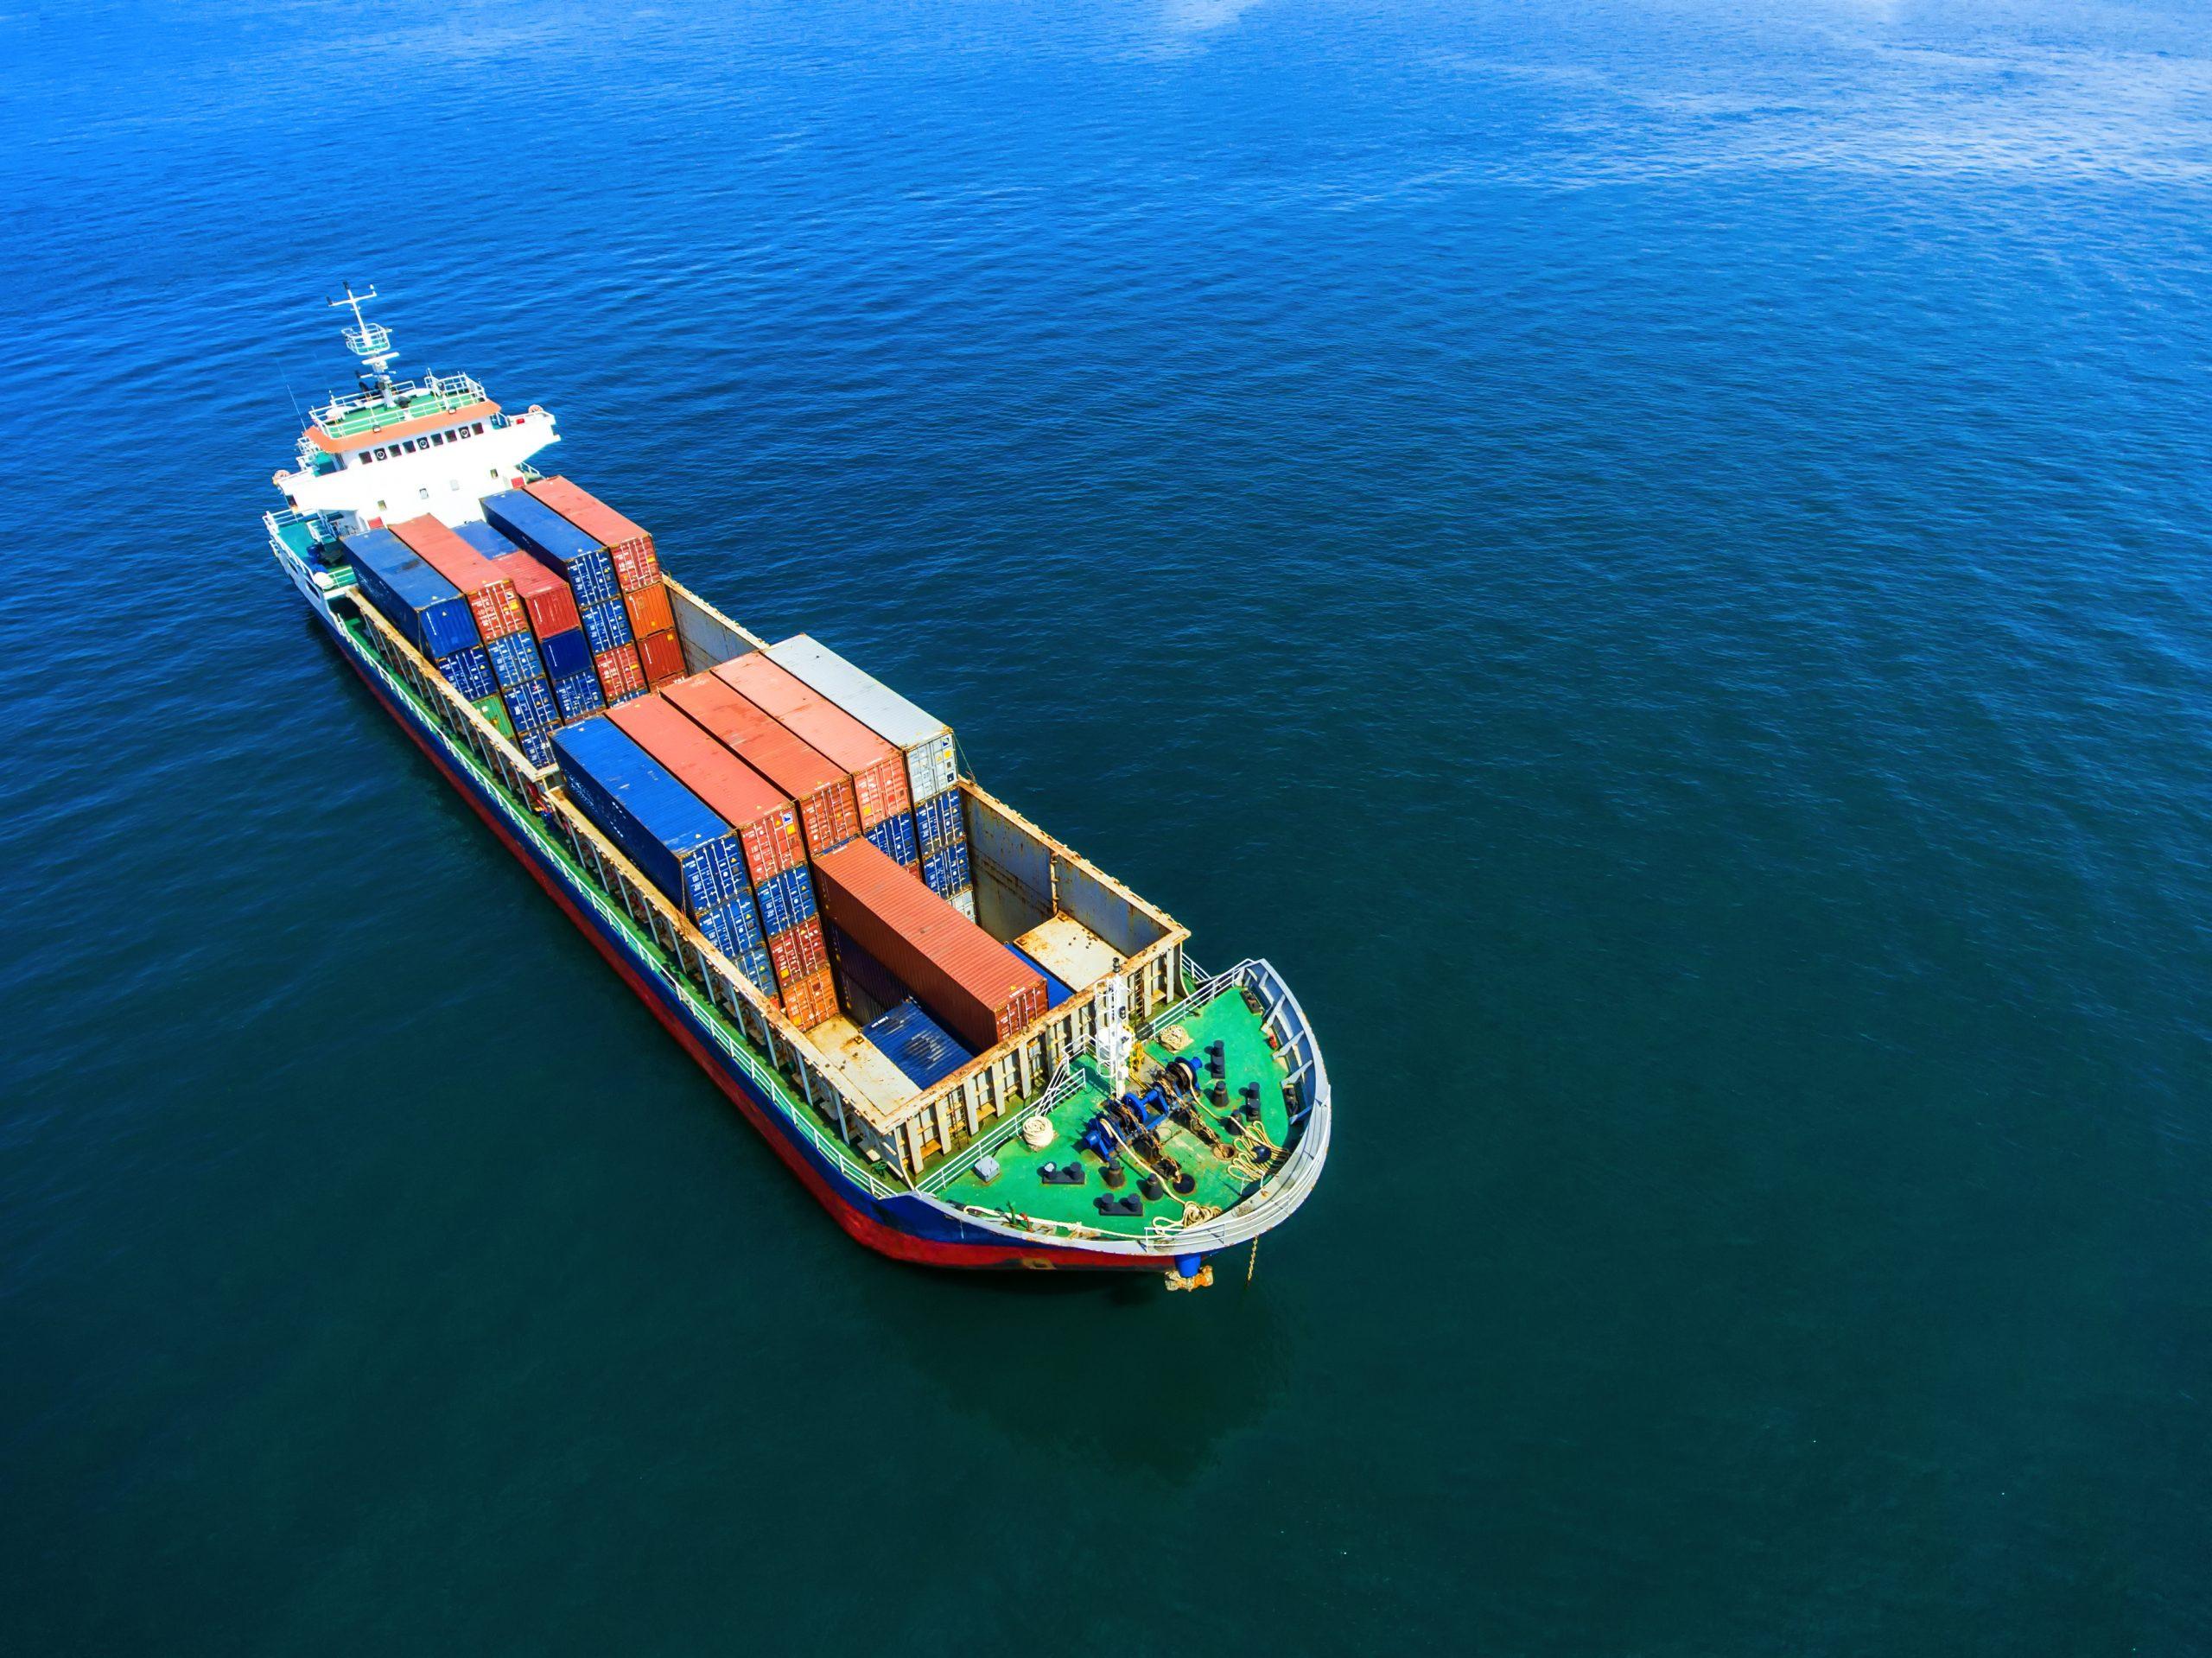 Belfond exporta 8,000 toneladas métricas de carbonato de calcio hacia los EE. UU.